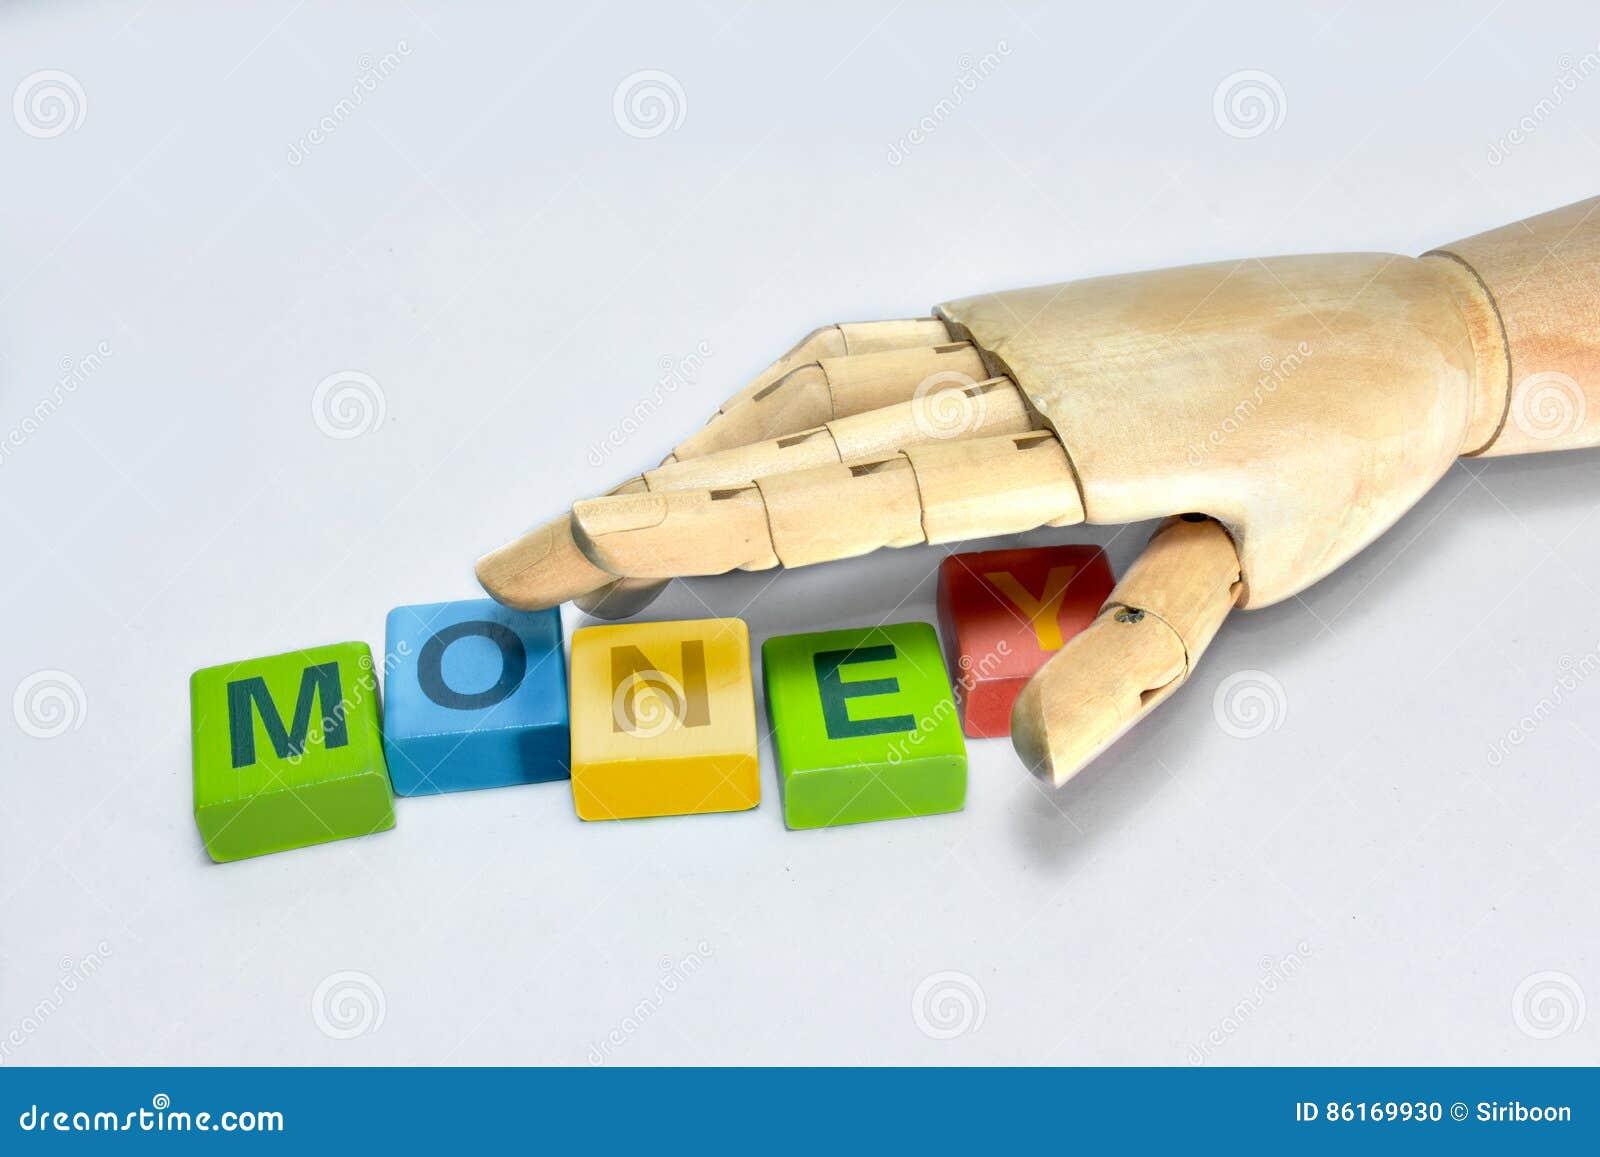 Das Handholz, das den Buchstaben ergreift, ist-, Geld herzustellen